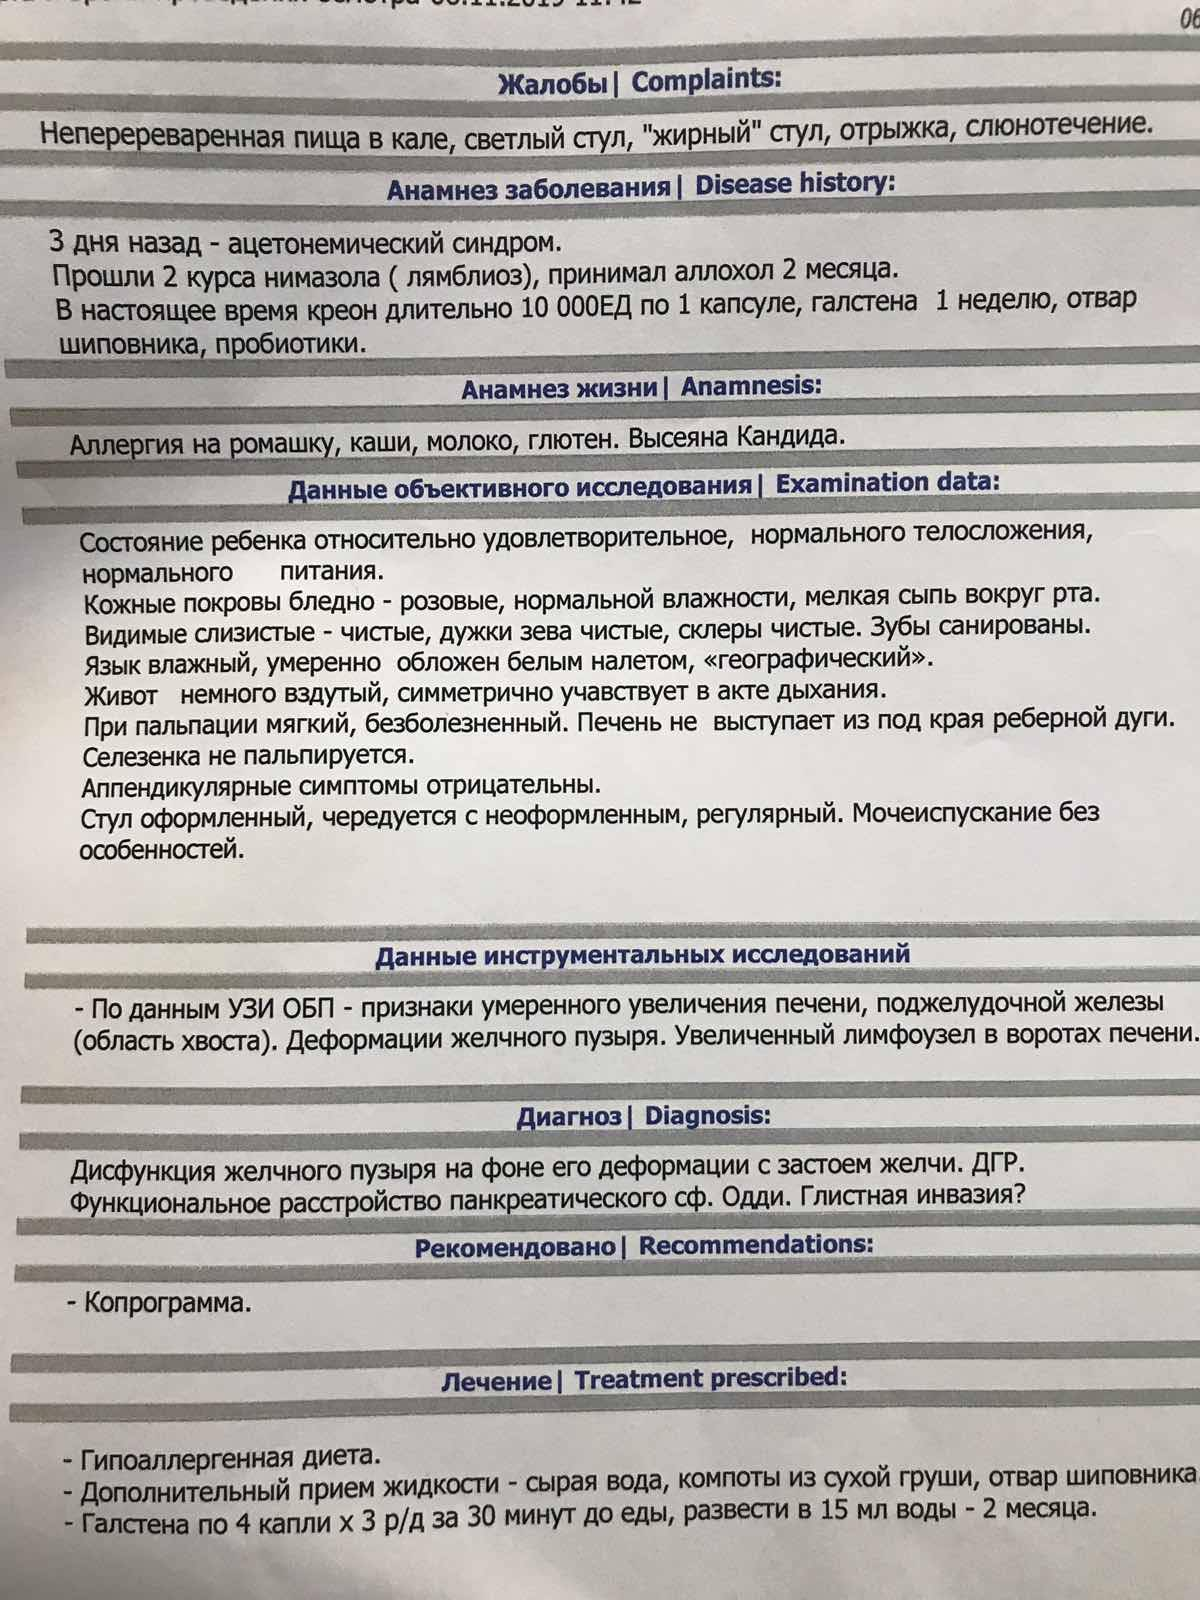 Мама Юля и сын Ярослав 2015 г.р. Микроструктурная генетическая аномалия - Страница 5 0c74cb84290dee3218a9e3648310f50fb06fbc356126138